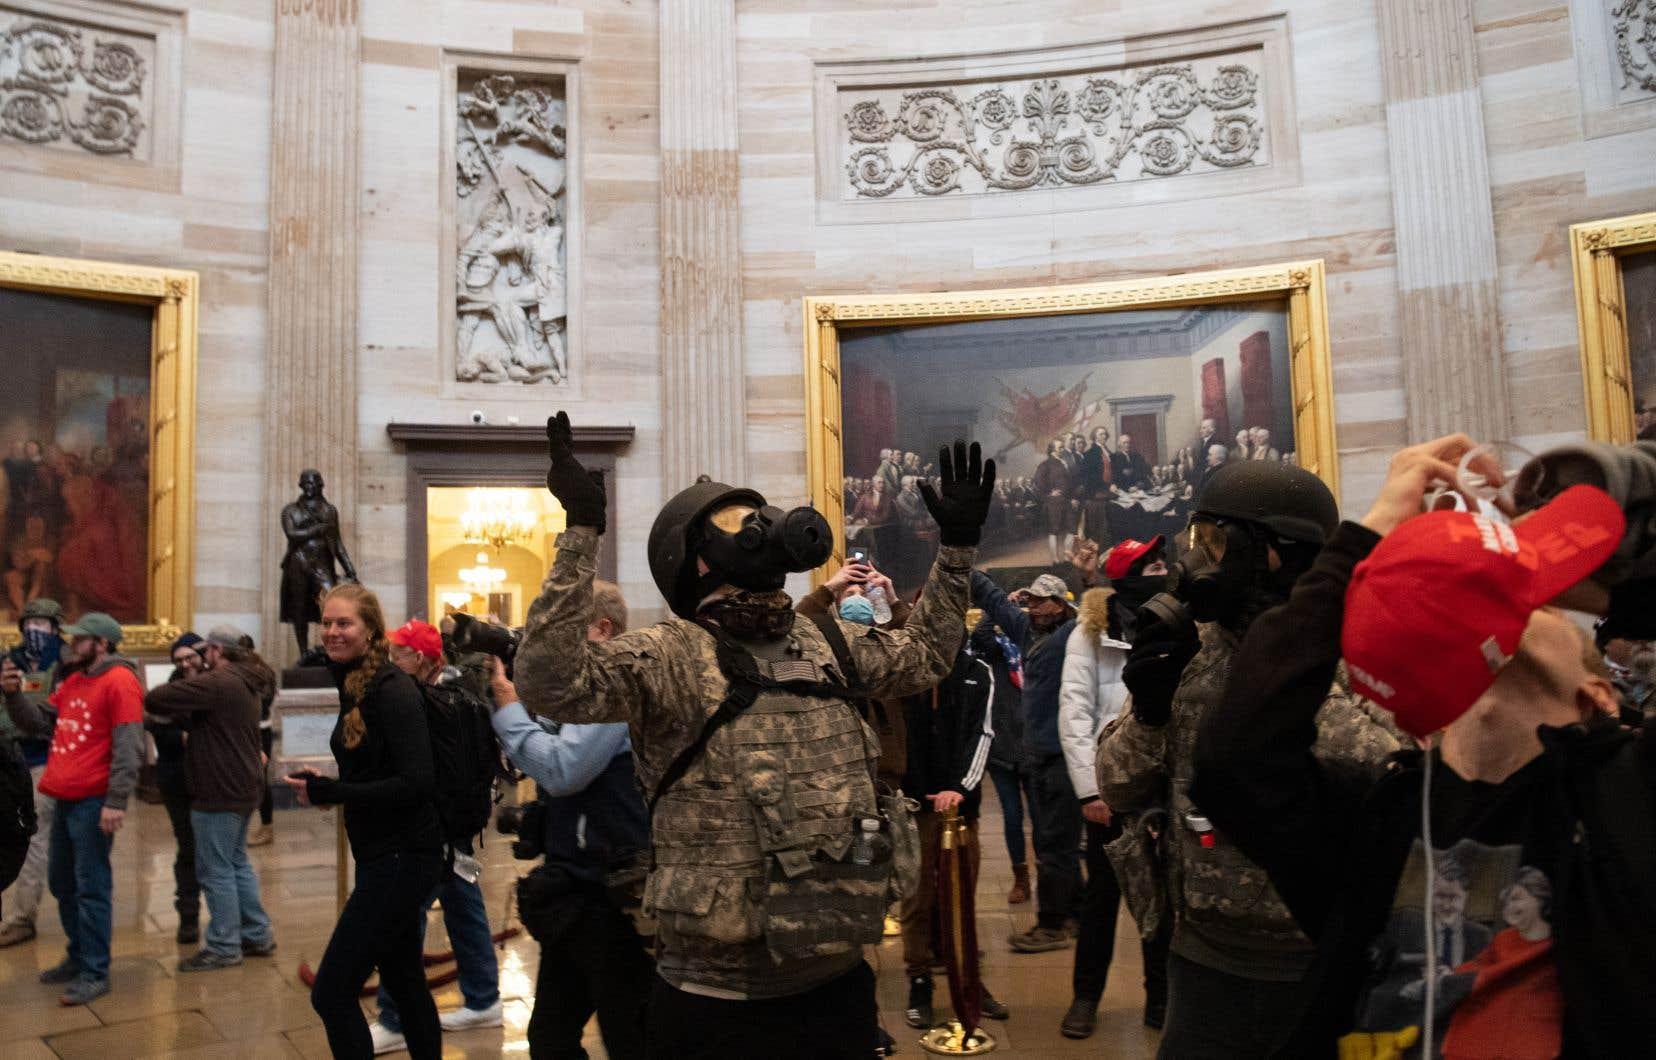 Depuis janvier, la police fédérale a déployé des moyens considérables pour identifier les quelque 800 personnes impliquées dans l'assaut du Capitole, qui avait choqué l'Amérique. Jusqu'ici, 500 ont été retrouvées et inculpées pour des chefs plus ou moins lourds.